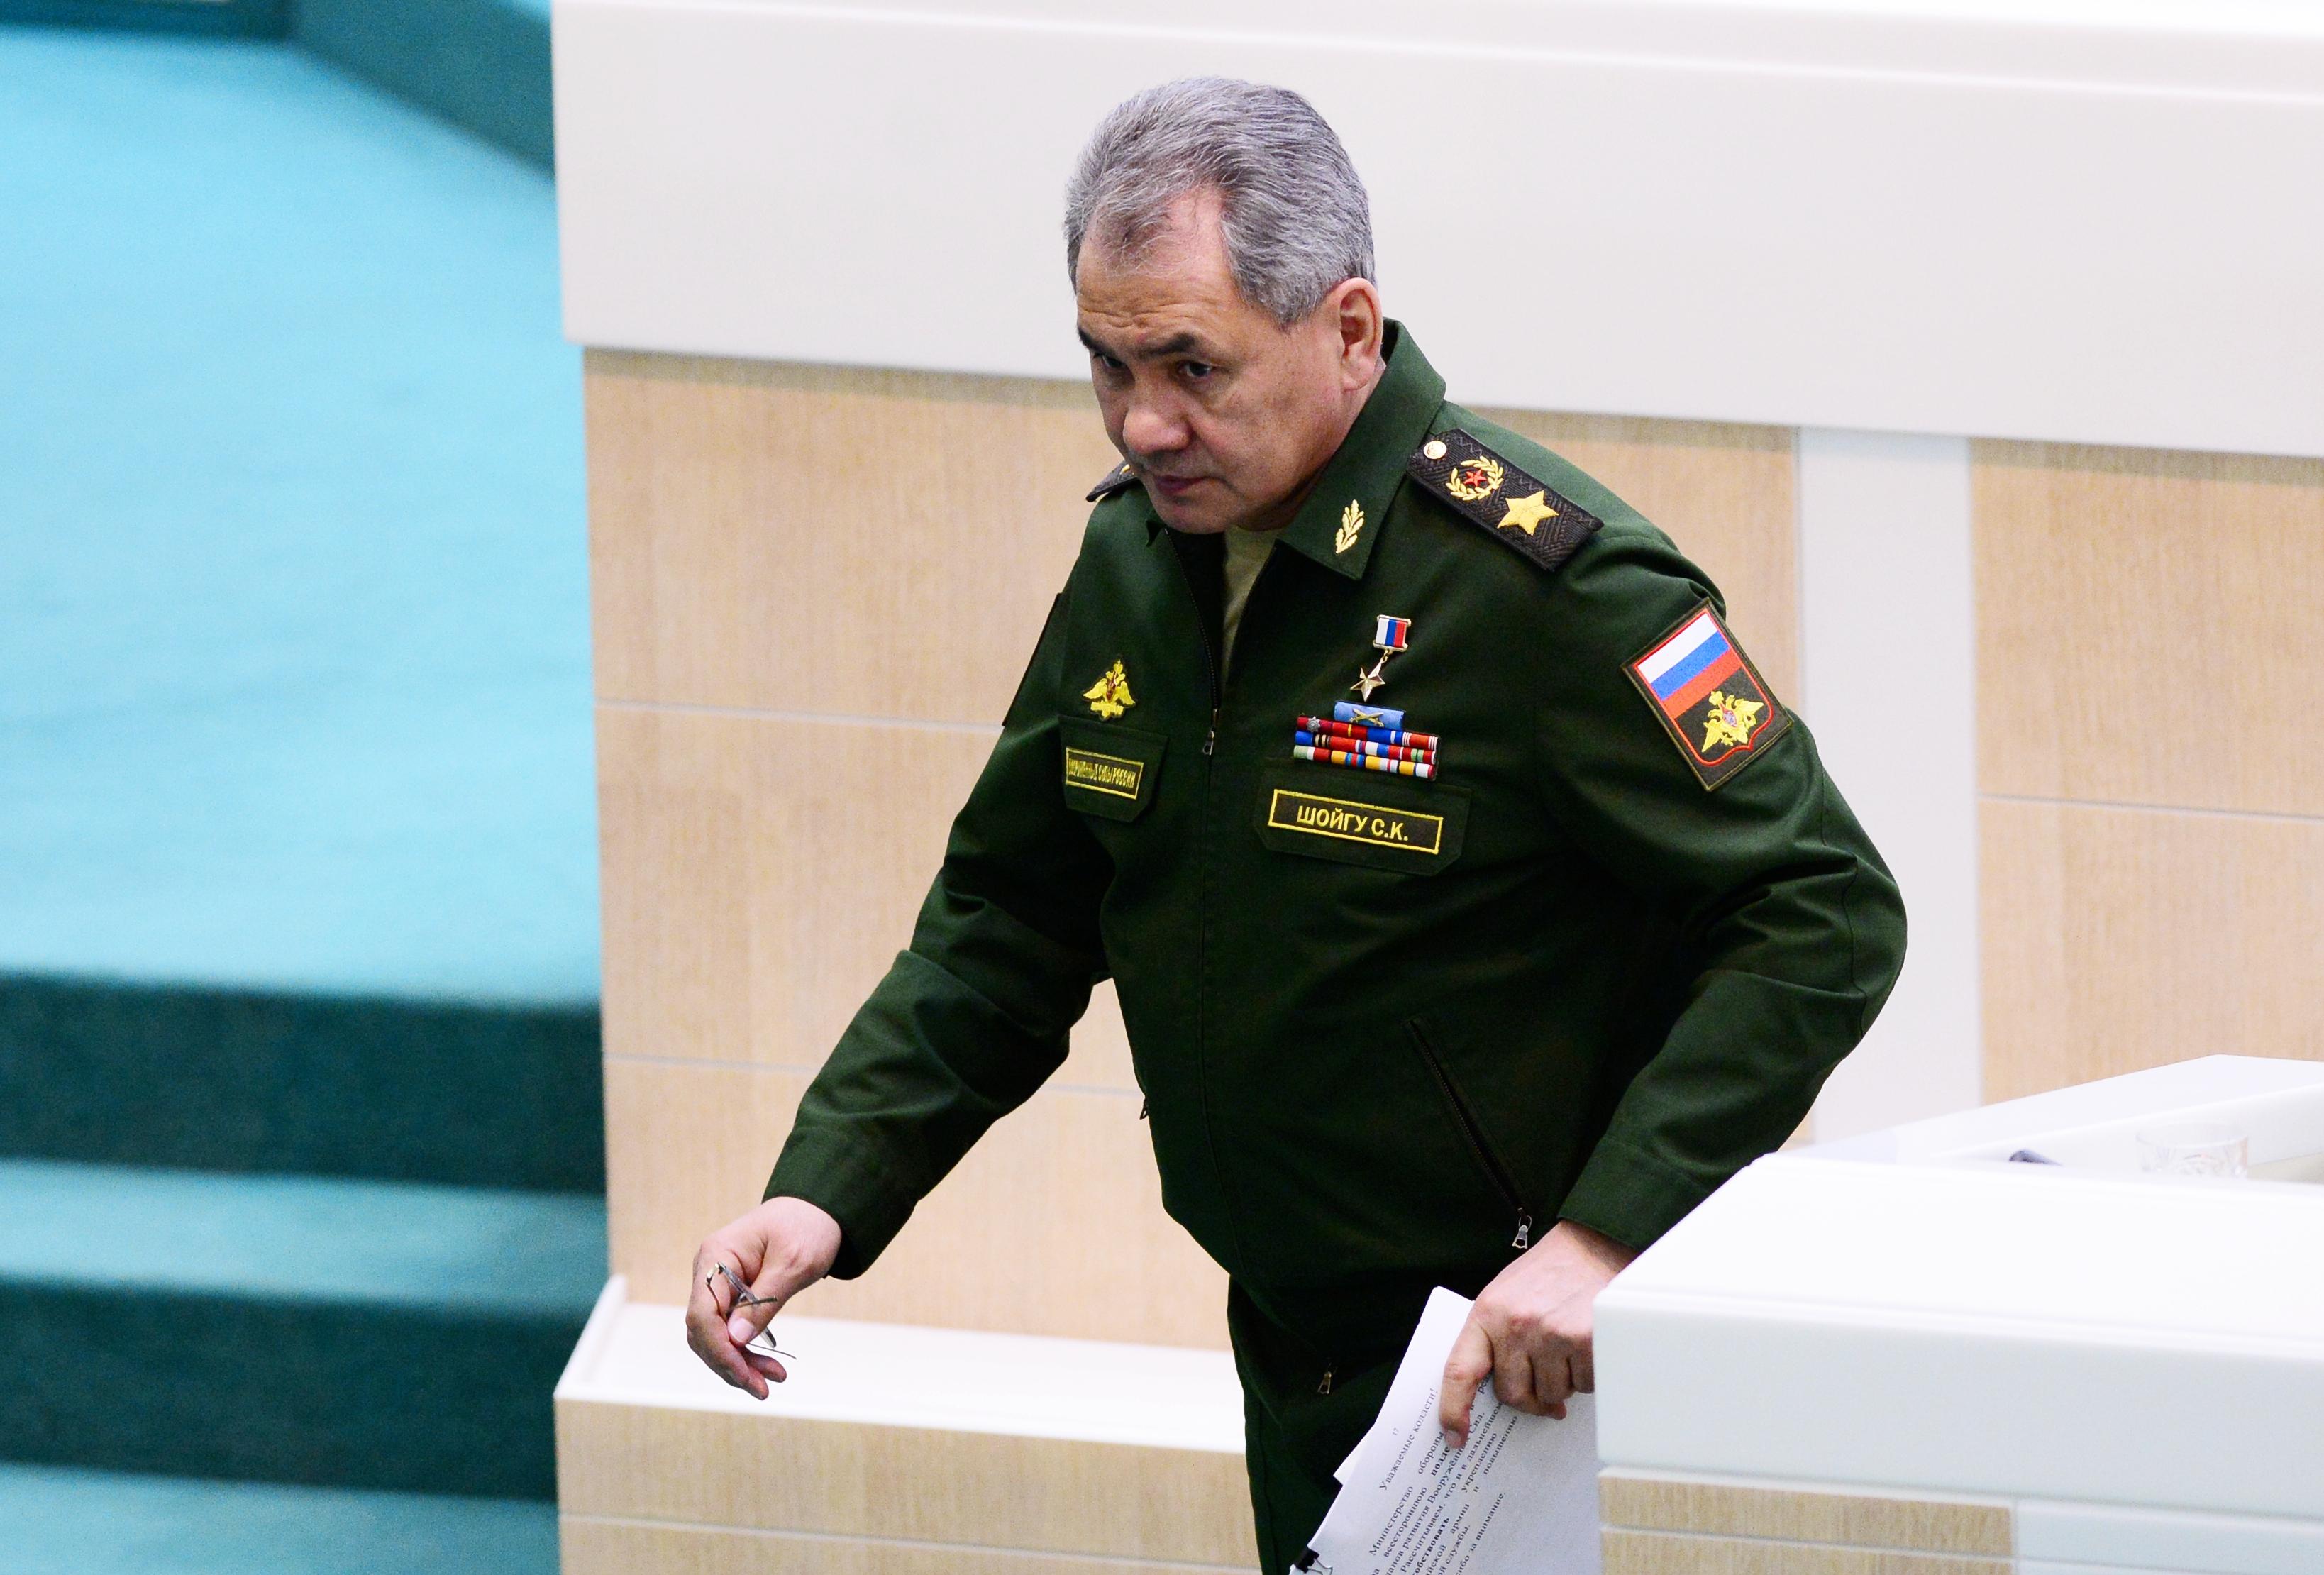 Egy NATO-vadászgép közelítette meg az orosz védelmi miniszter repülőgépét, de egy orosz gép elkergette